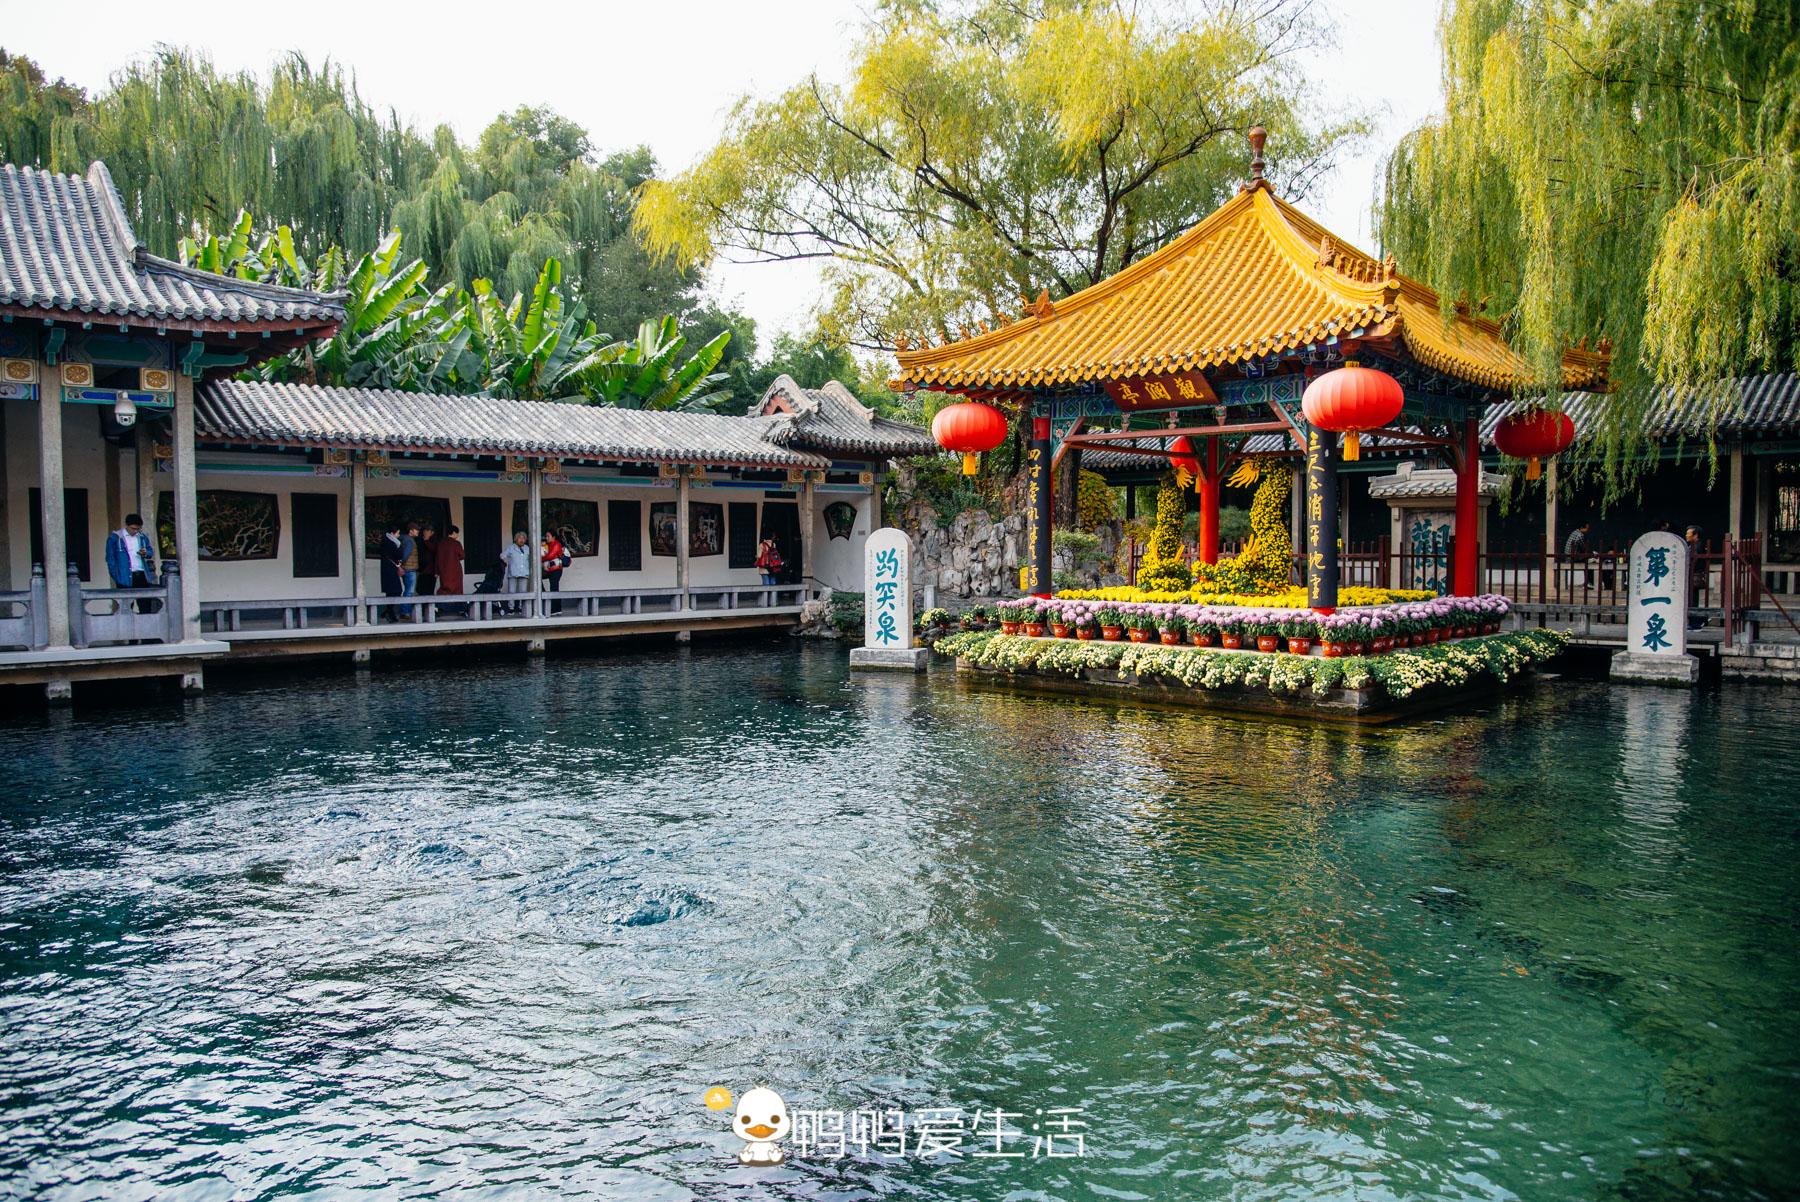 小學課本上的景點,泉城濟南的標志,常年噴涌不斷,游客:太神奇了!_泉水